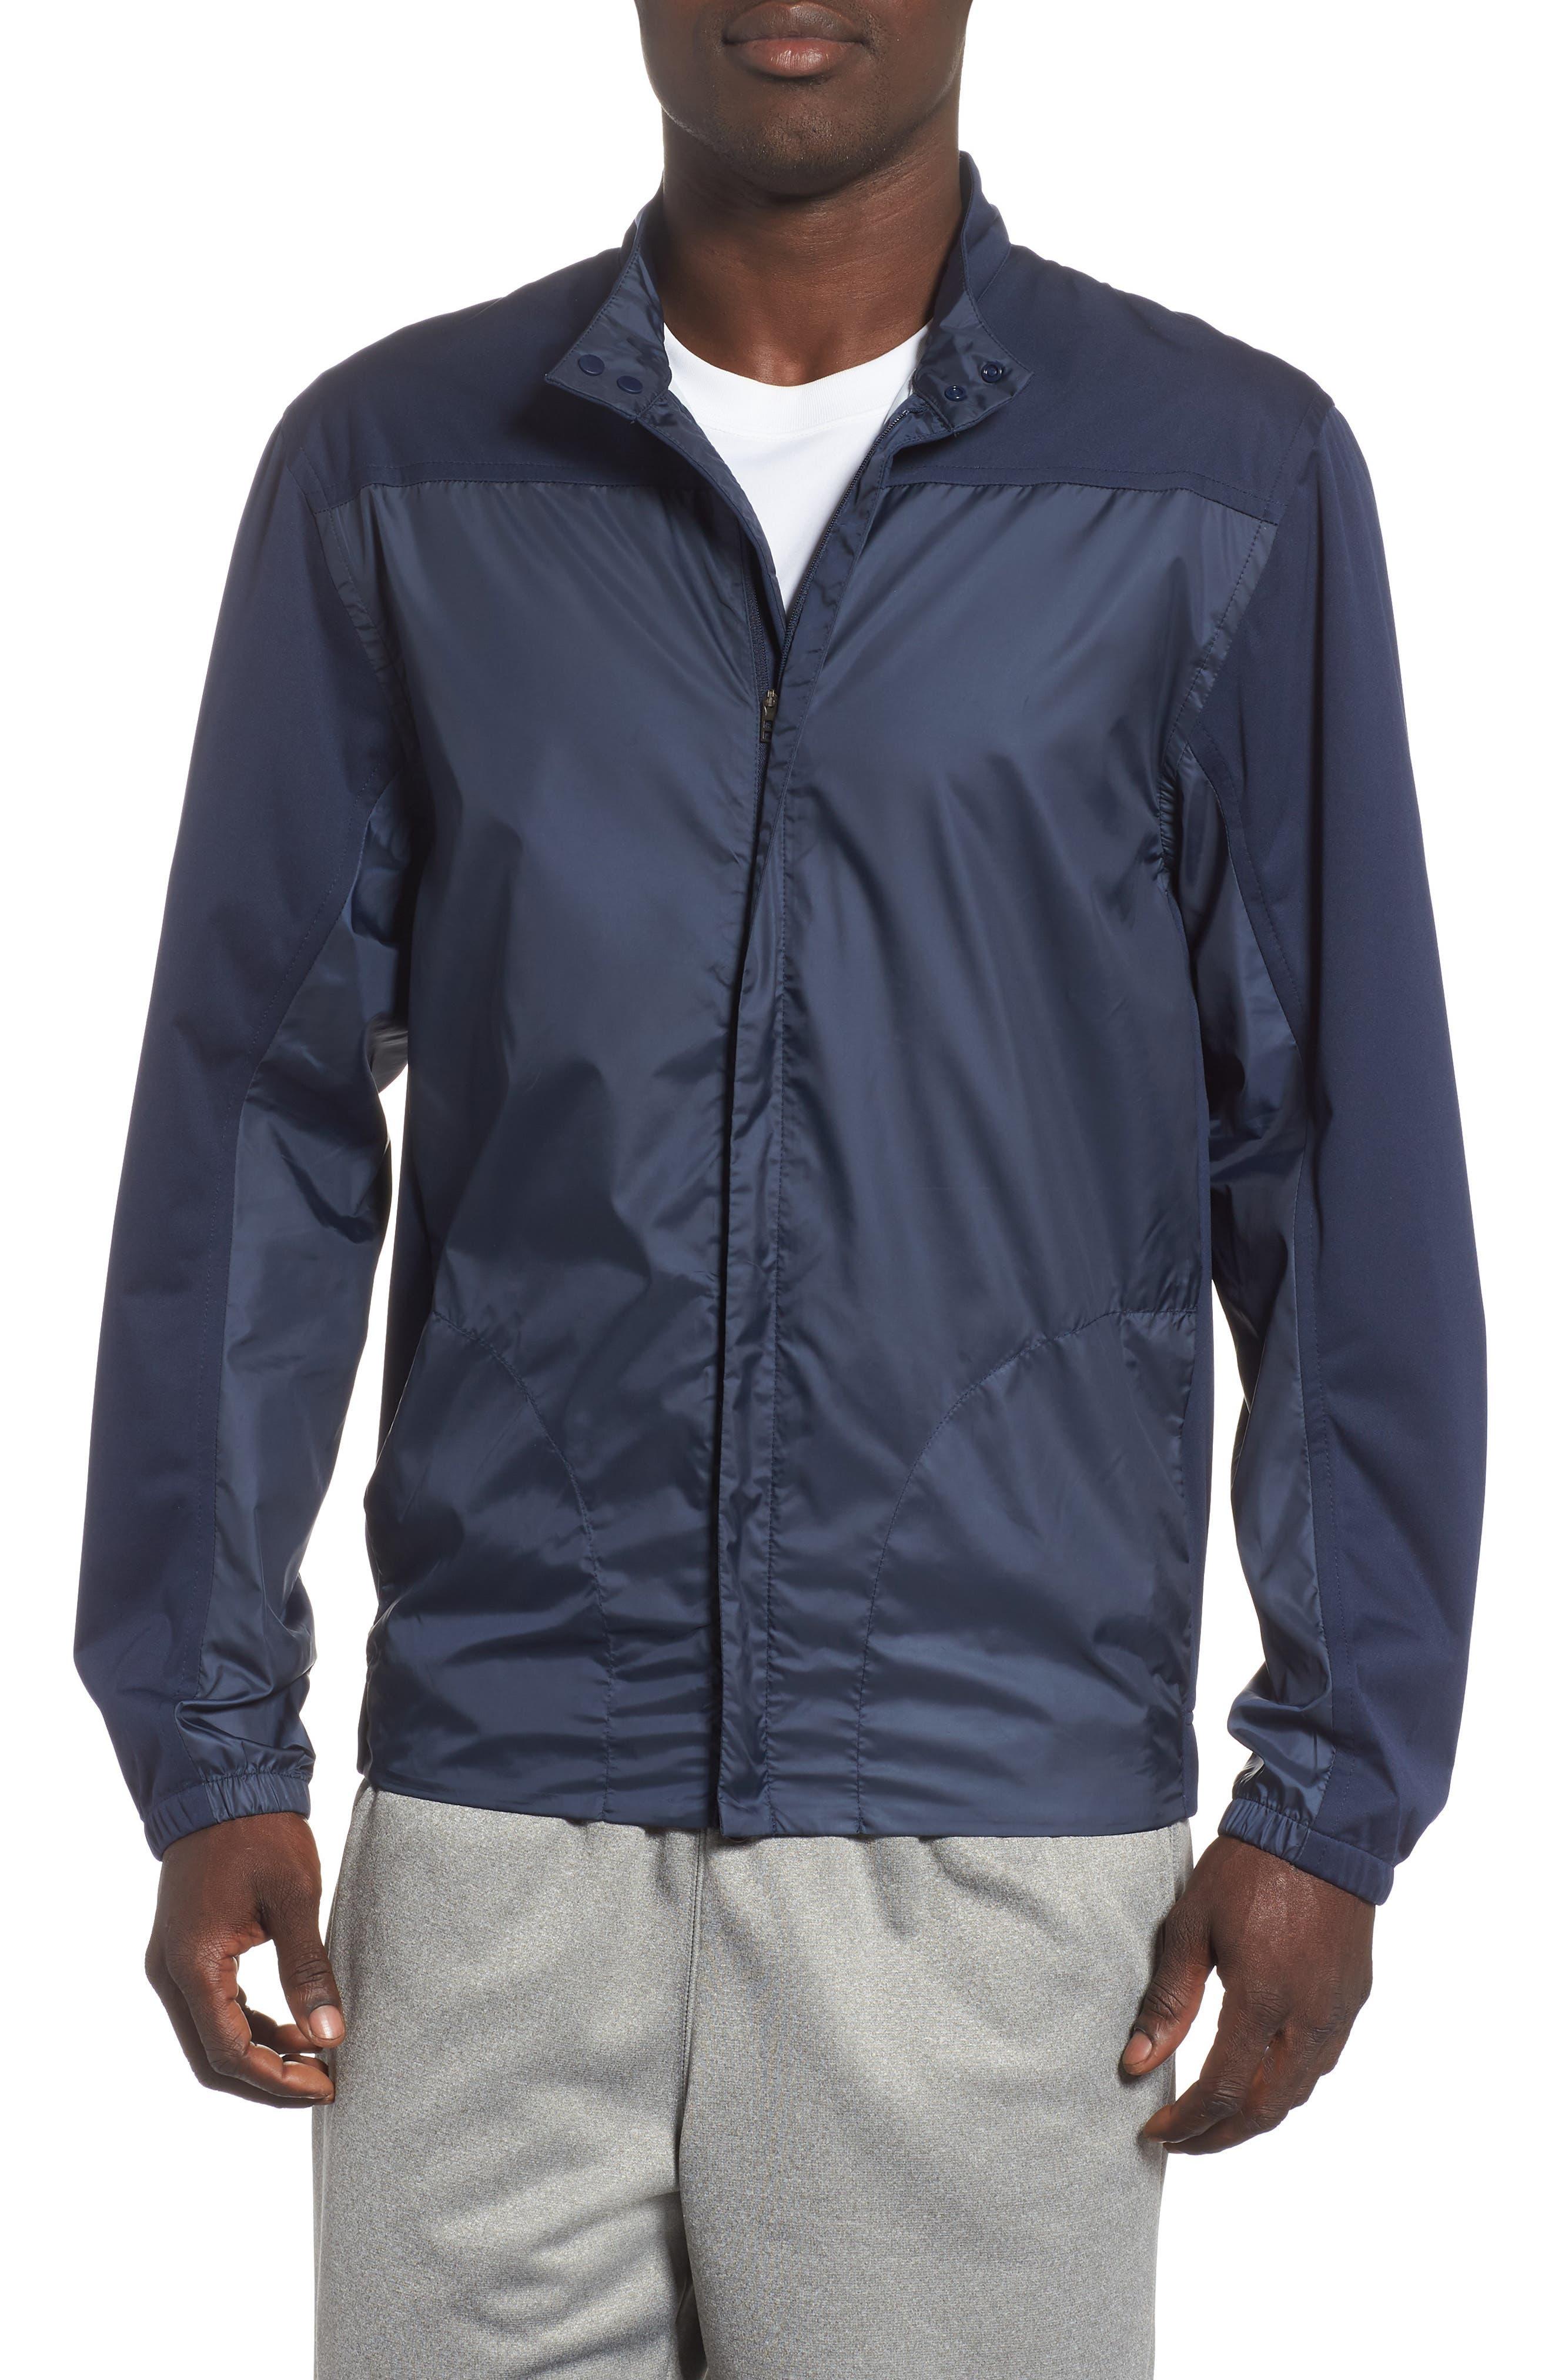 Shield Core Zip Golf Jacket,                         Main,                         color, OBSIDIAN/ OBSIDIAN/ BLACK